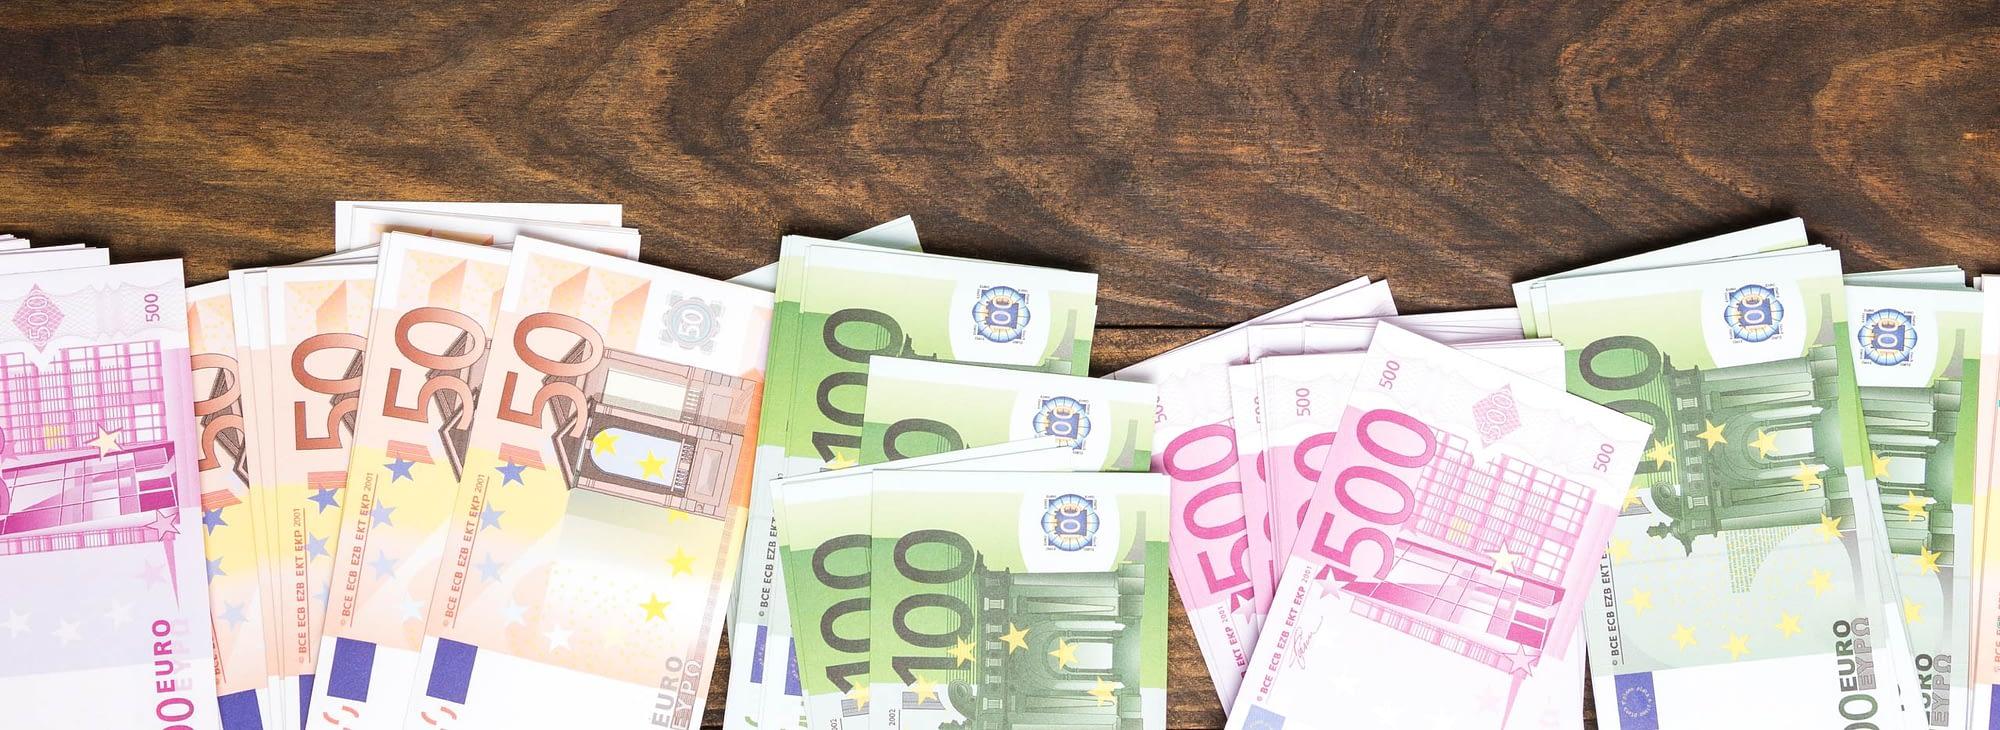 Novac na drvenom stolu